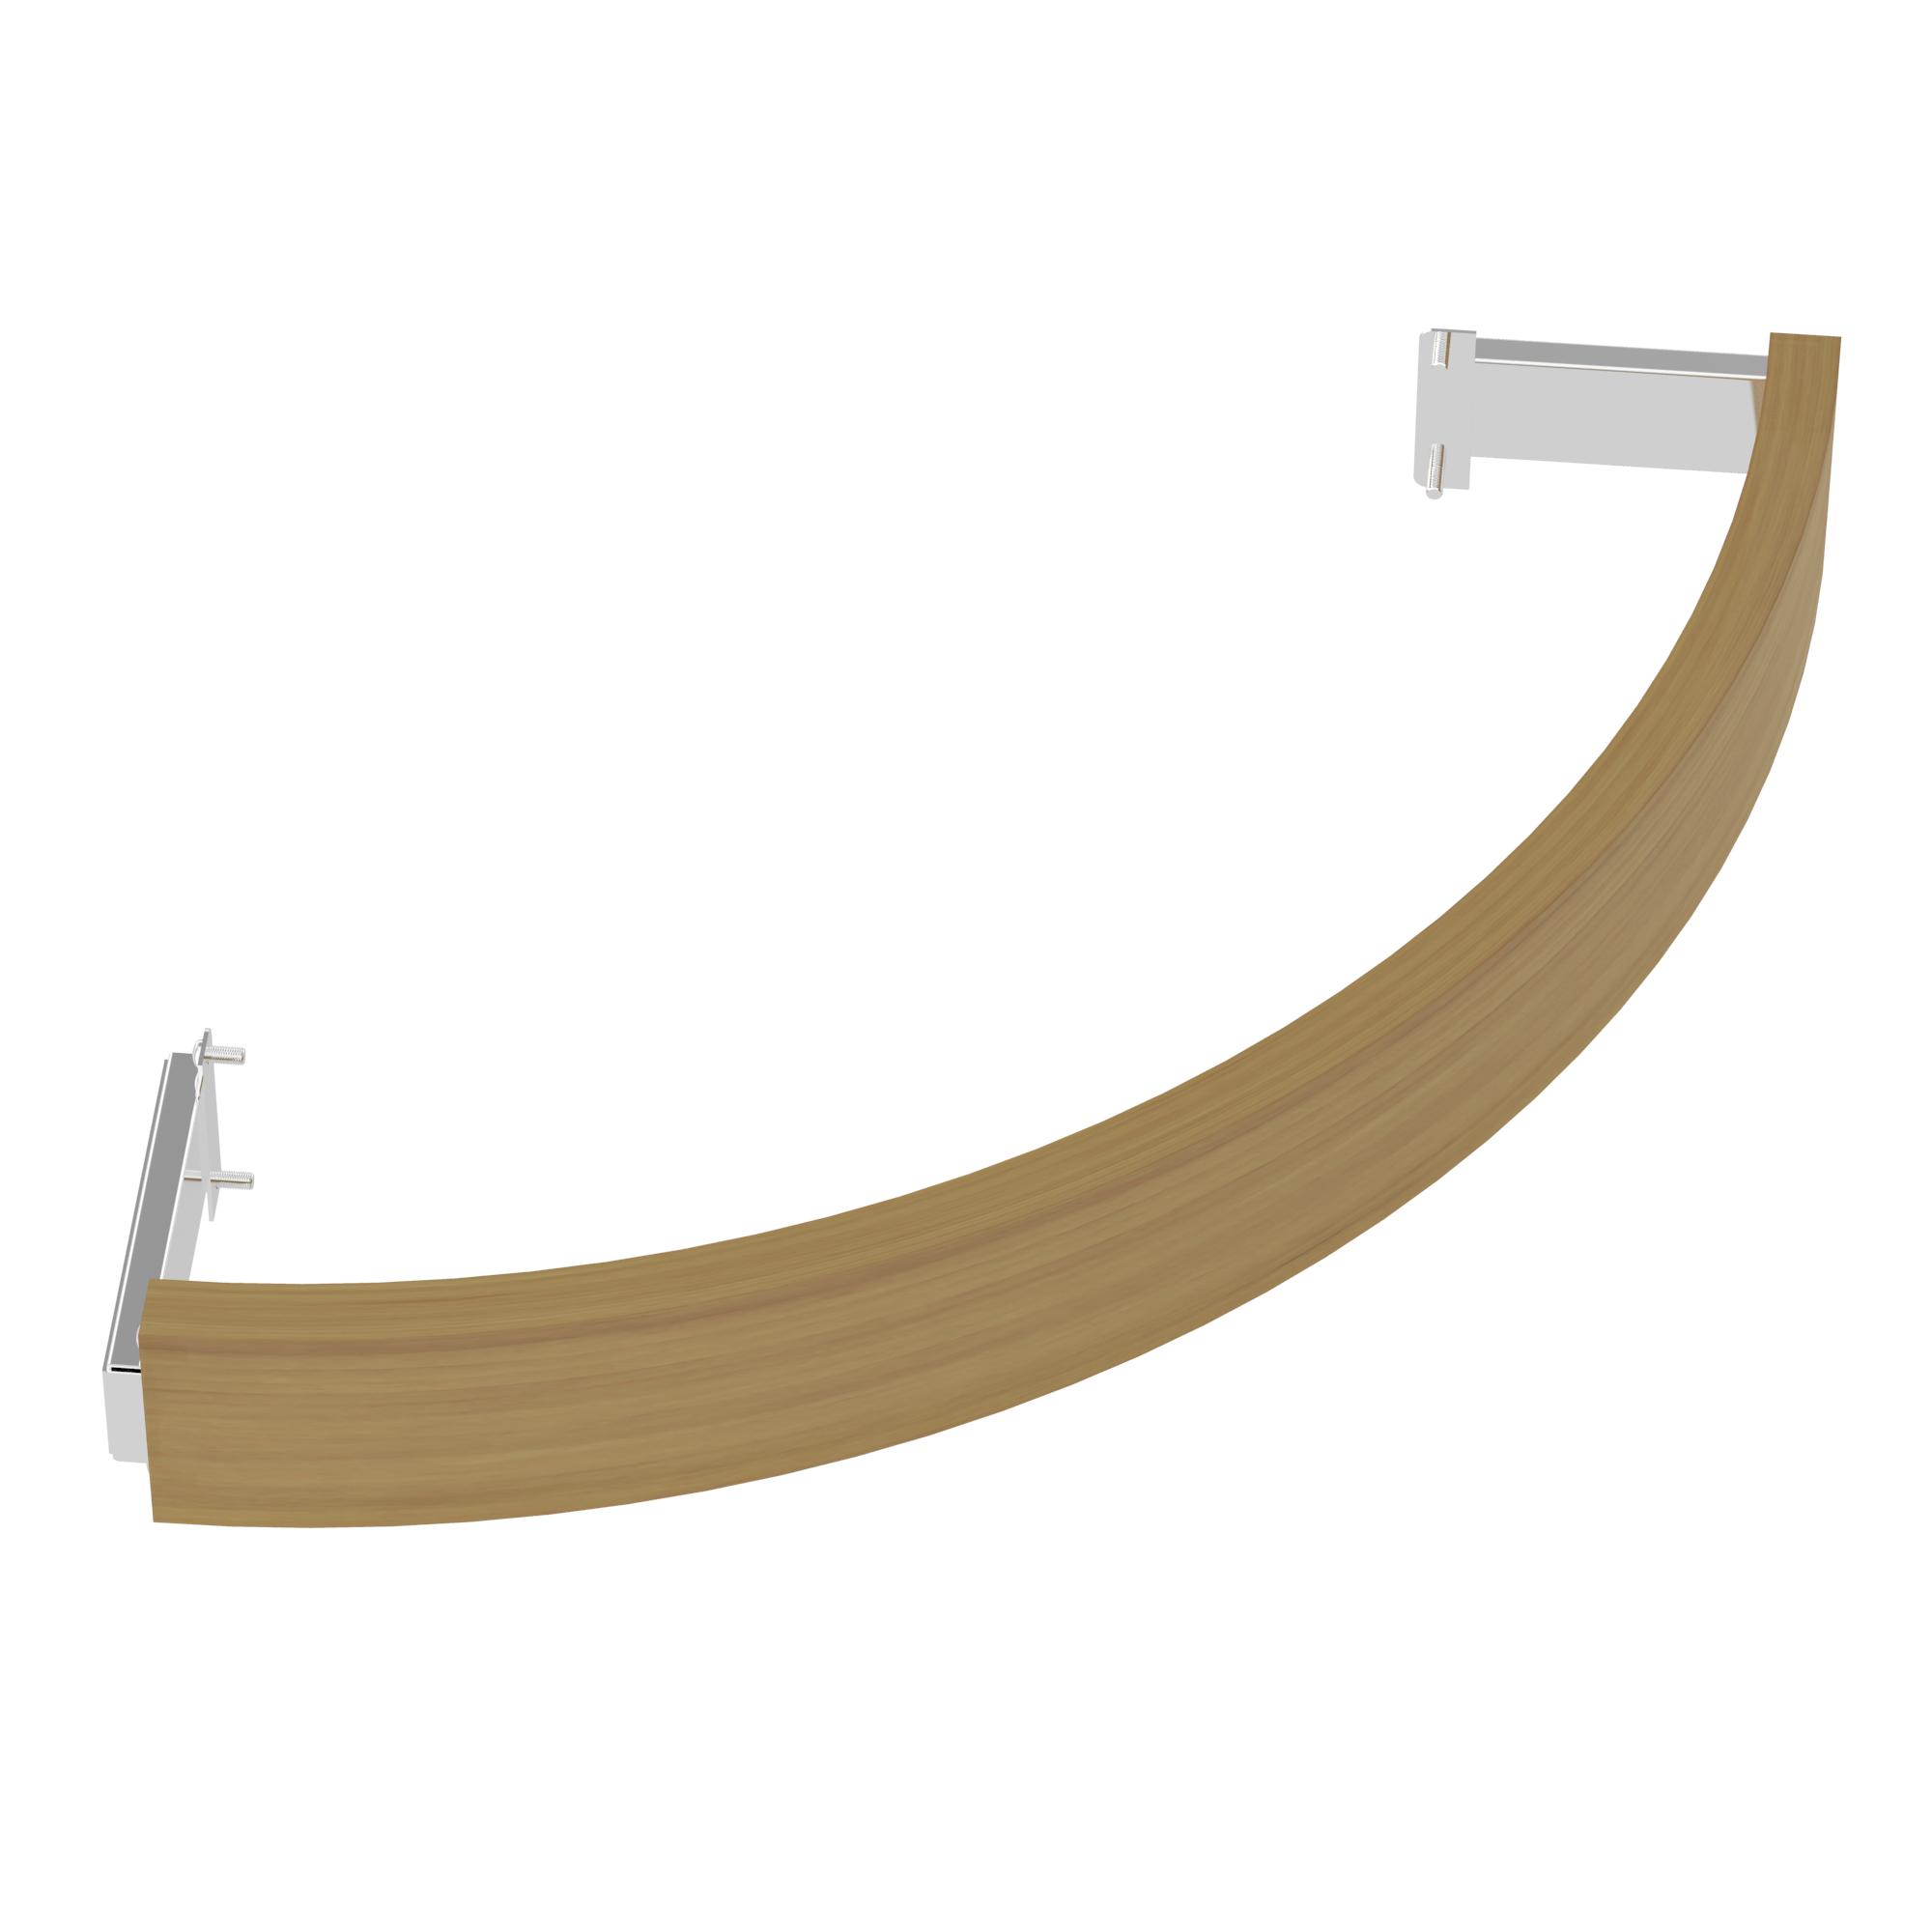 Фото - Ограждения и коврики: Деревянное ограждение SAWO TH-GUARD-W6-CNR-D для печи угловой установки TOWER TH6 (кедр) ограждения и коврики коврик деревянный на пол sawo 595 d cnr угловой